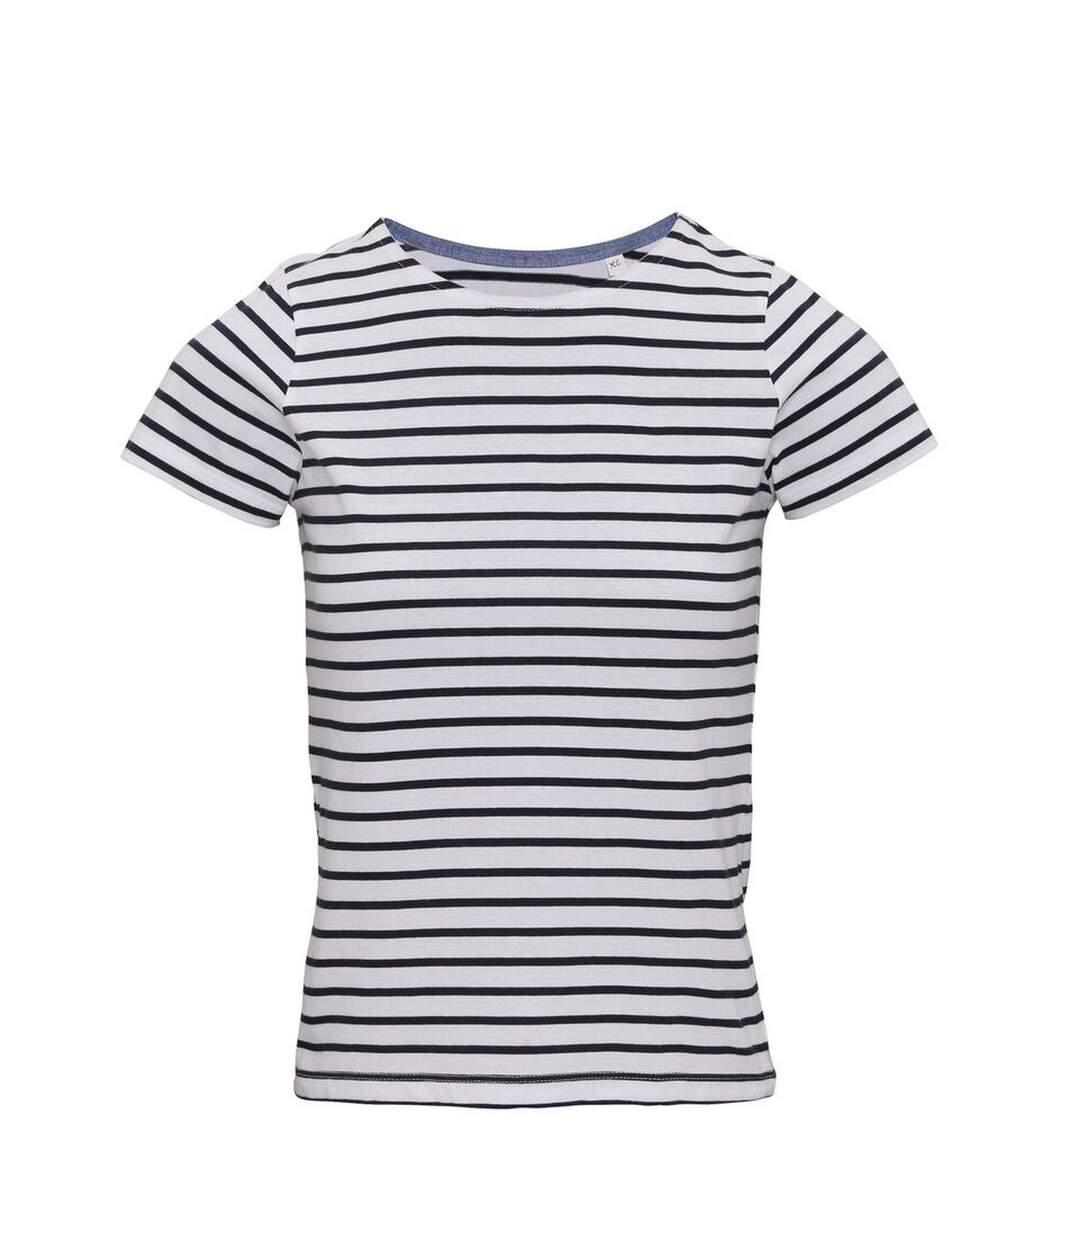 Asquith & Fox - Marinière Manches Courtes Coastal - Femme (Blanc / bleu marine) - UTRW6030